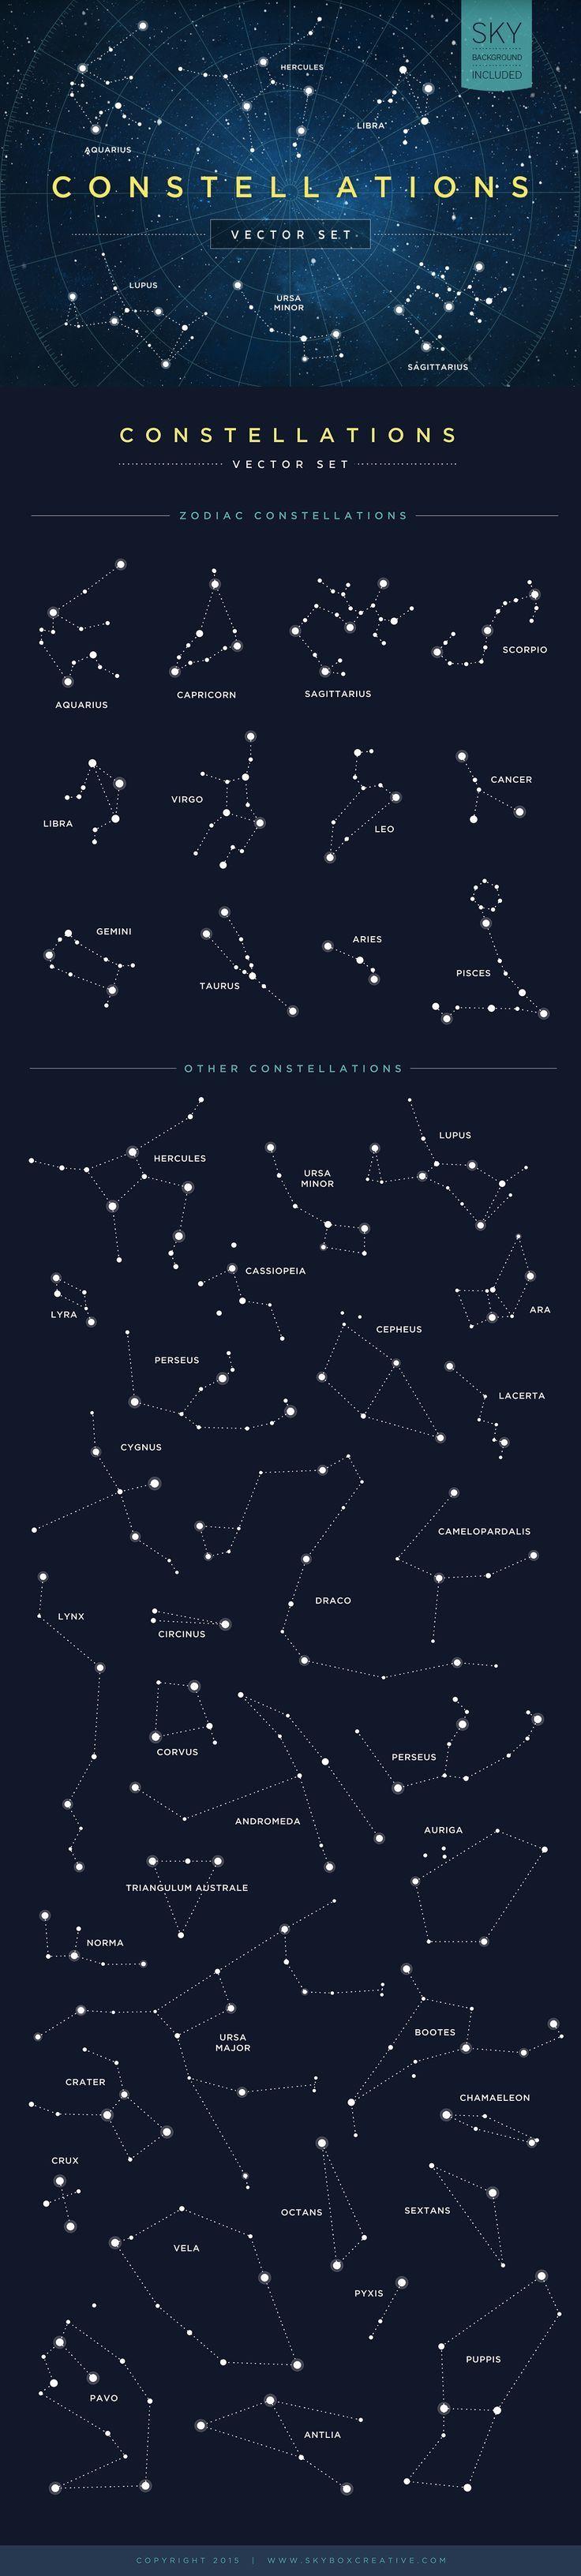 decorações, vetores, astros, astrologia, astronomia, signos.